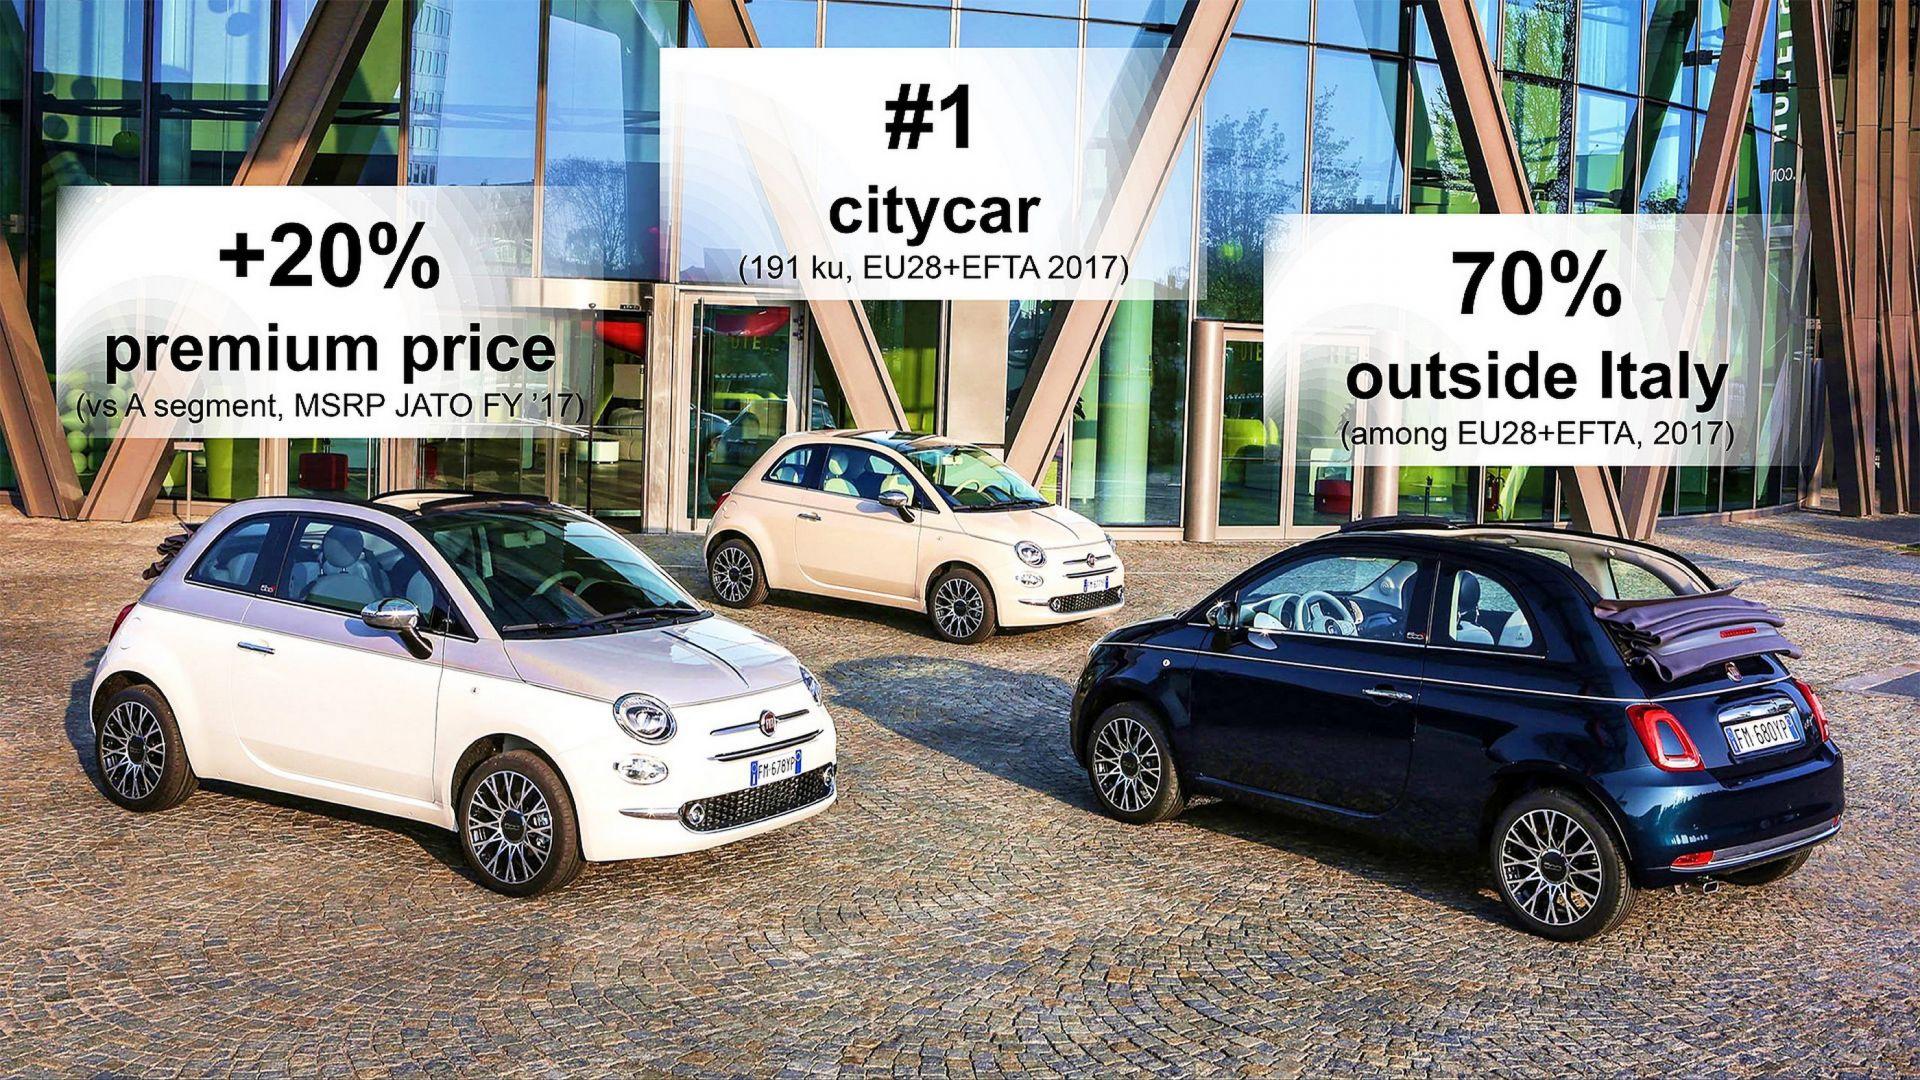 Nuova Fiat 500 Giardiniera, quando arriva e quale aspetto ...